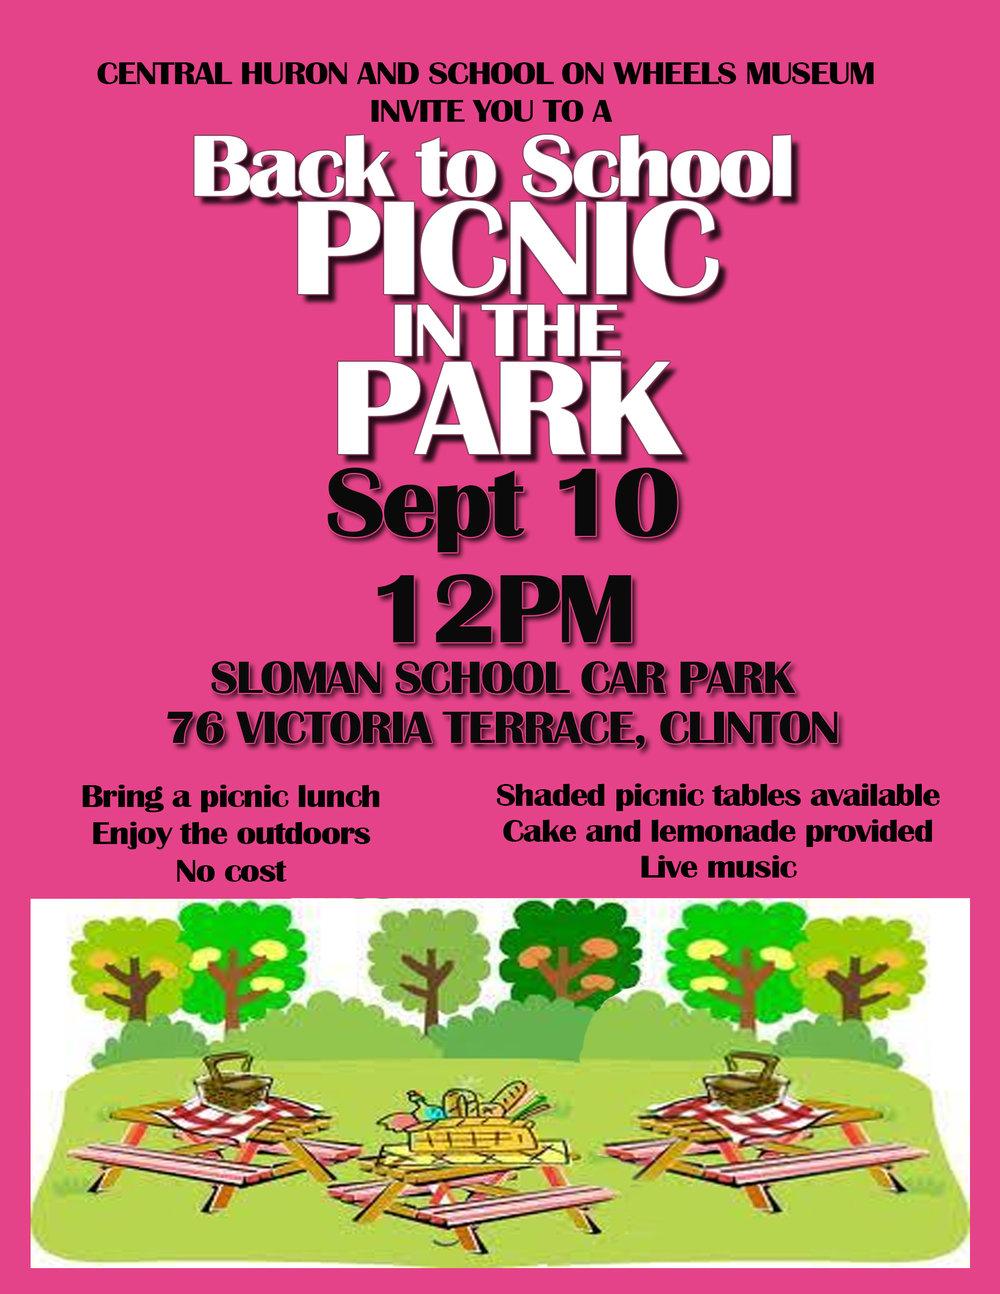 picnic in the park sept 10.jpg